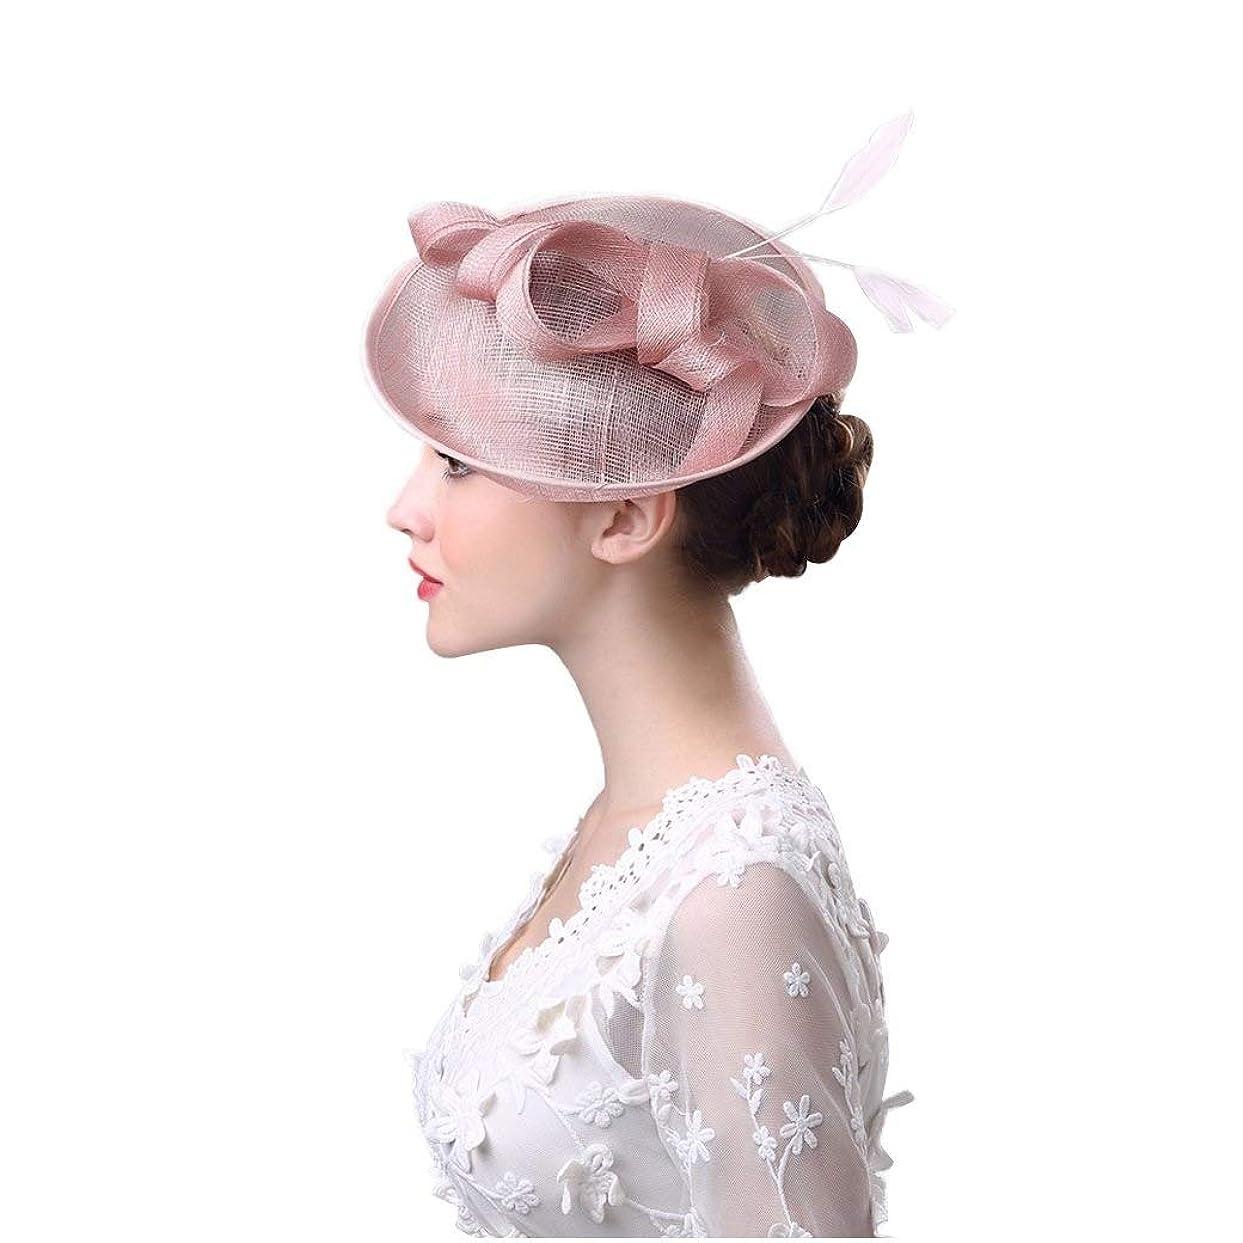 解放瞬時に約ブライダルヘッドドレス、ボウフェザーヘッドドレス夏ヨーロッパとアメリカのアウトドアレディース帽子洋風リネン糸宴会花嫁の帽子